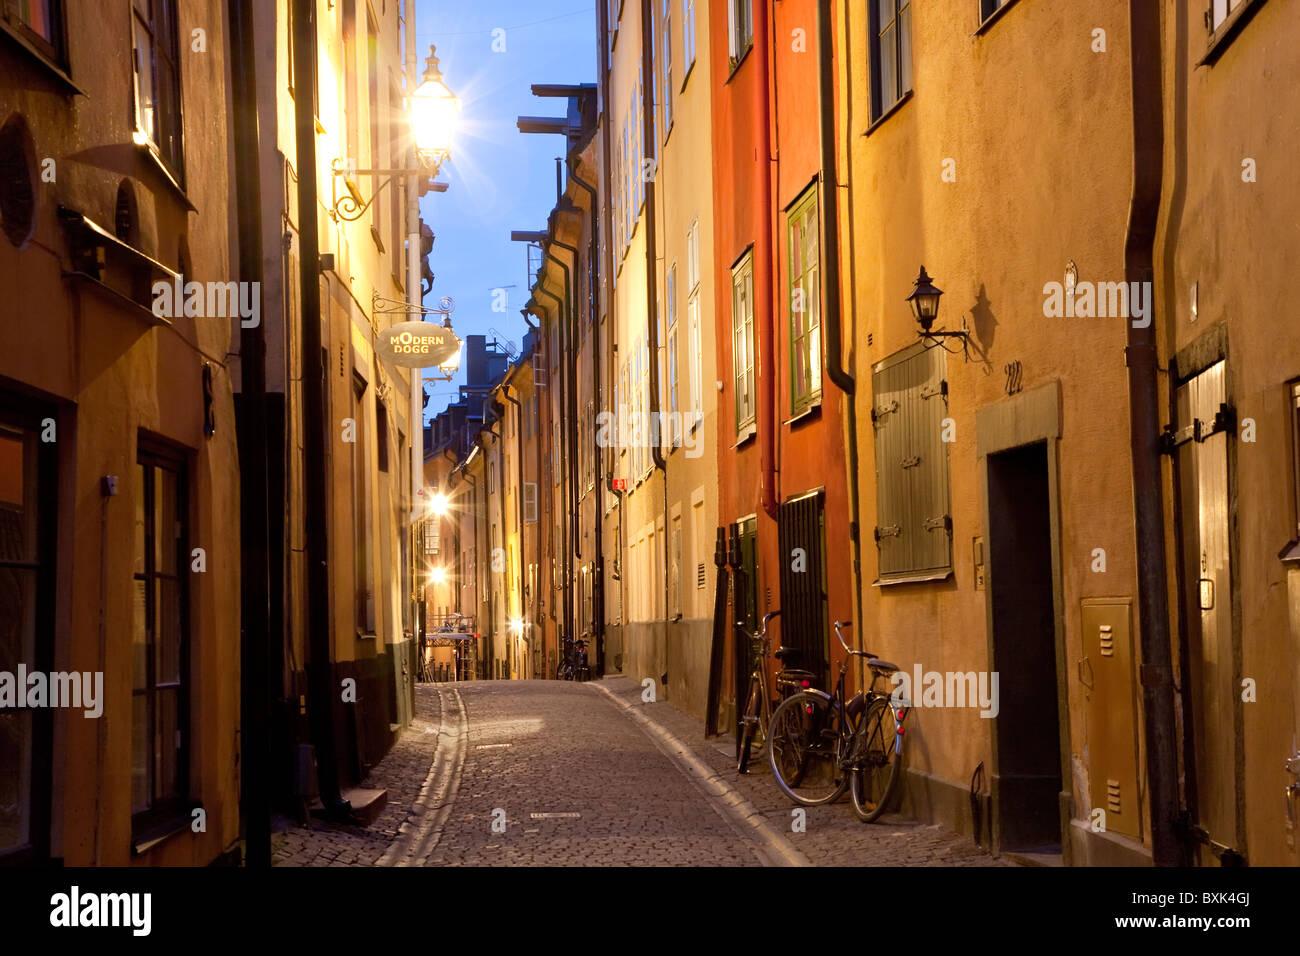 Historic Old Street, en la Ciudad Vieja de Gamla Stan en Estocolmo, Suecia. Imagen De Stock